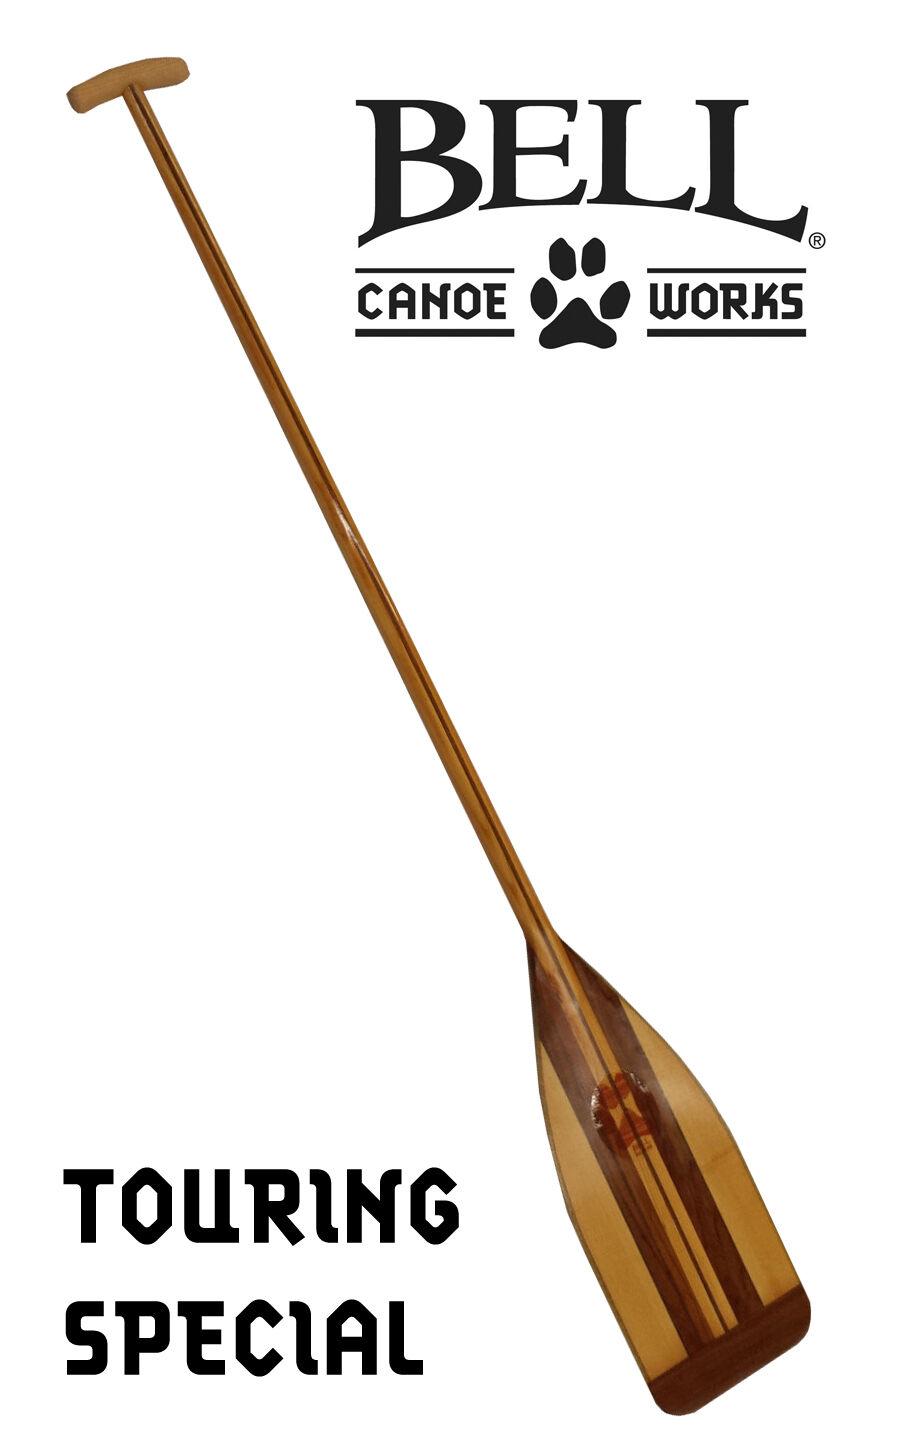 Canoa para viajes, 52, fabricado por Mitchel, EE.UU., peso 20 onzas.